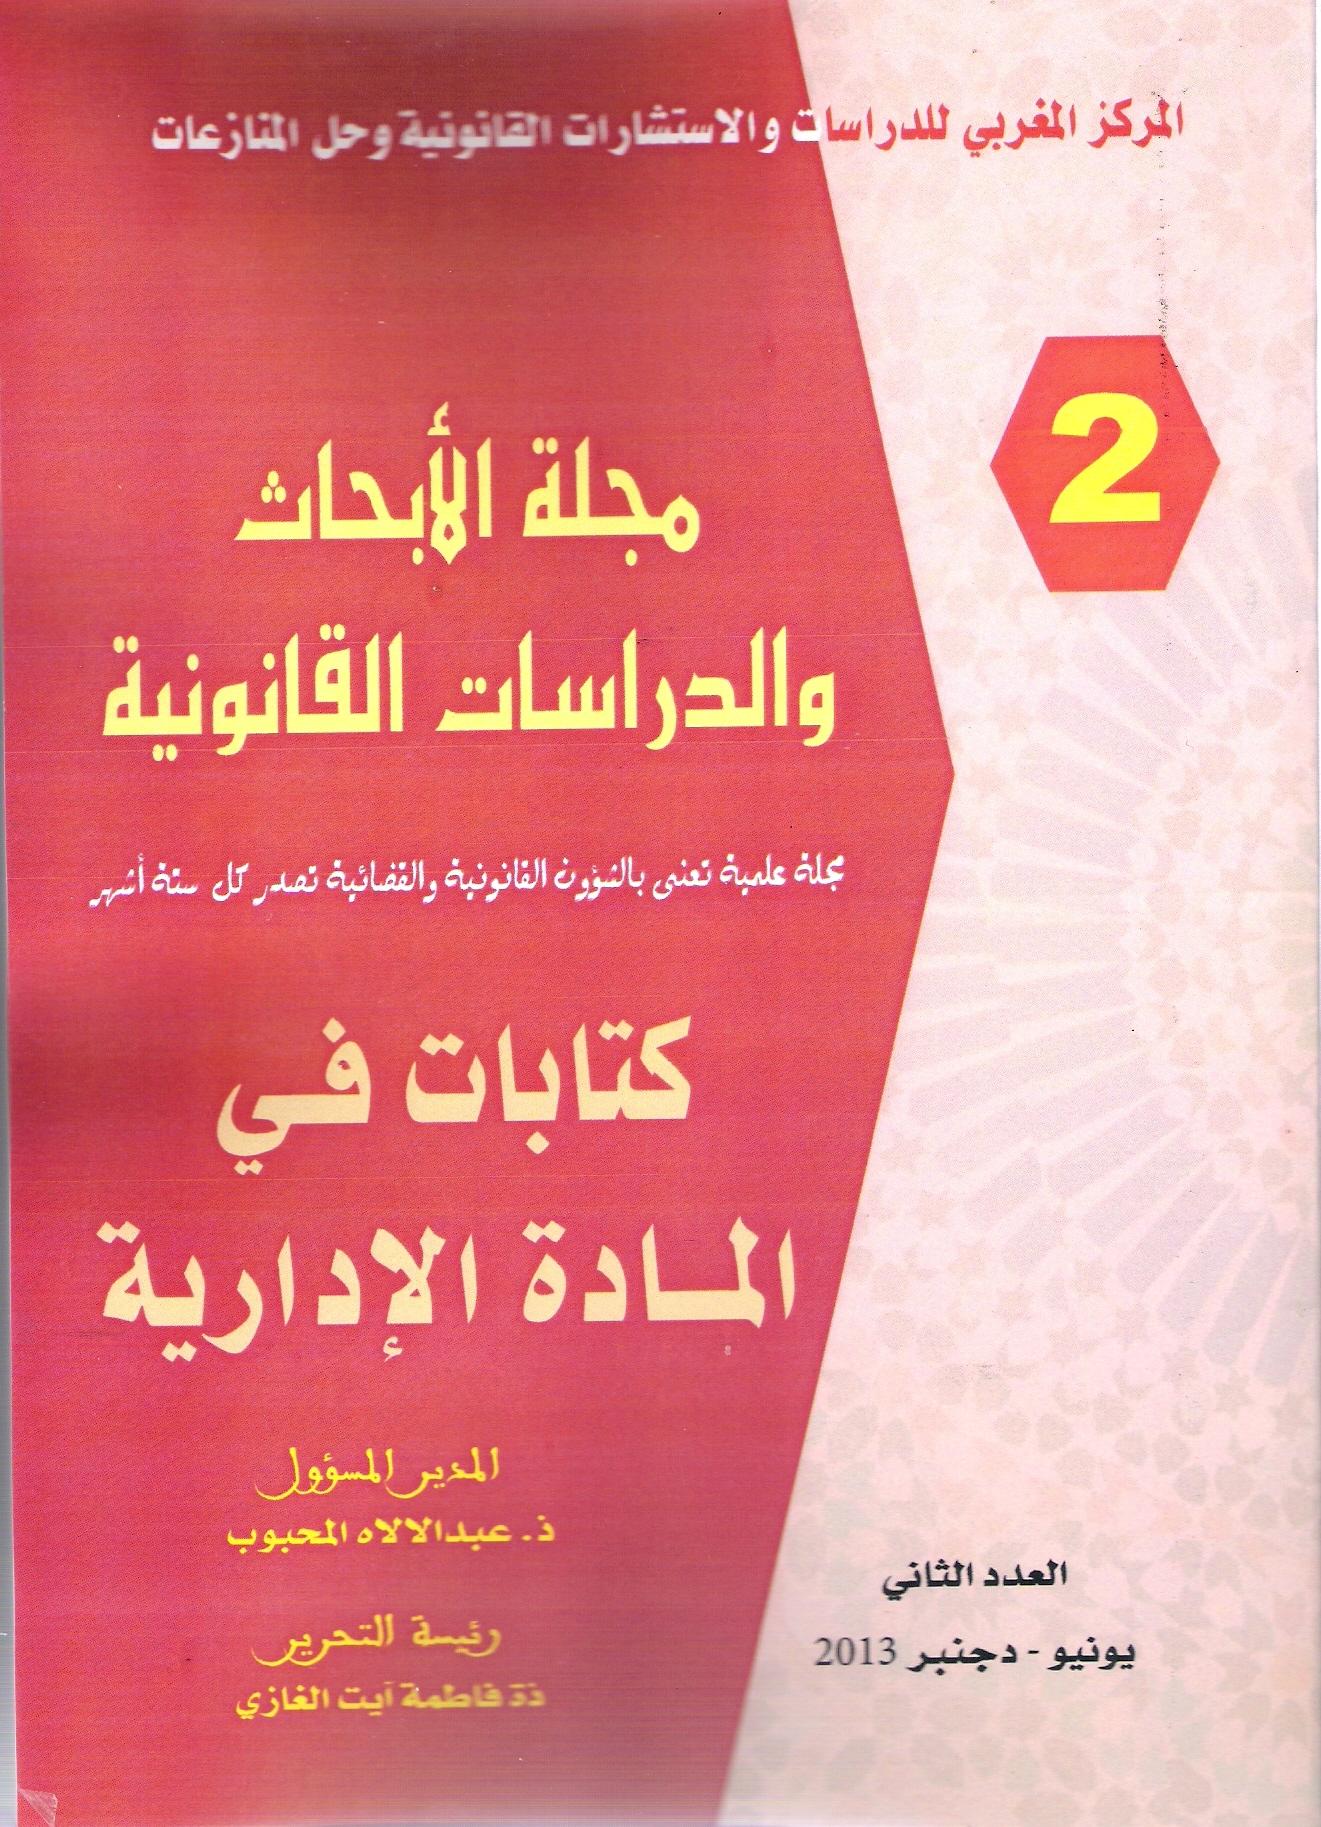 صدور العدد الثاني من مجلة الأبحاث والدراسات القانونية